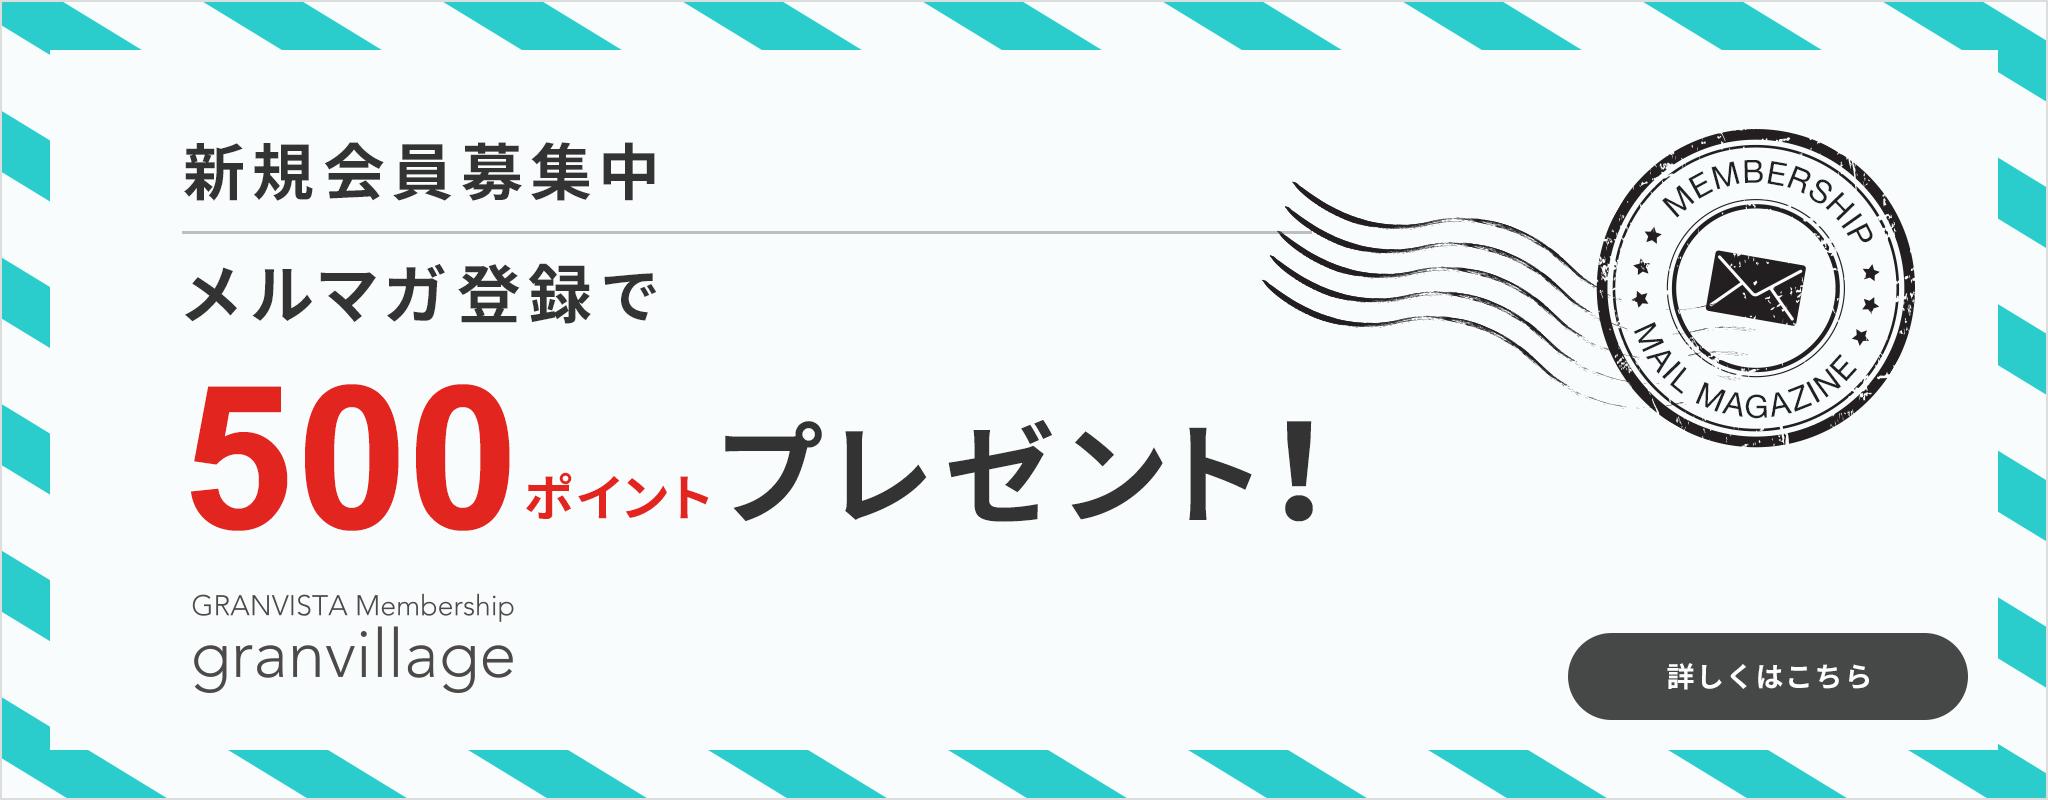 新規入会ポイントプレゼントキャンペーン